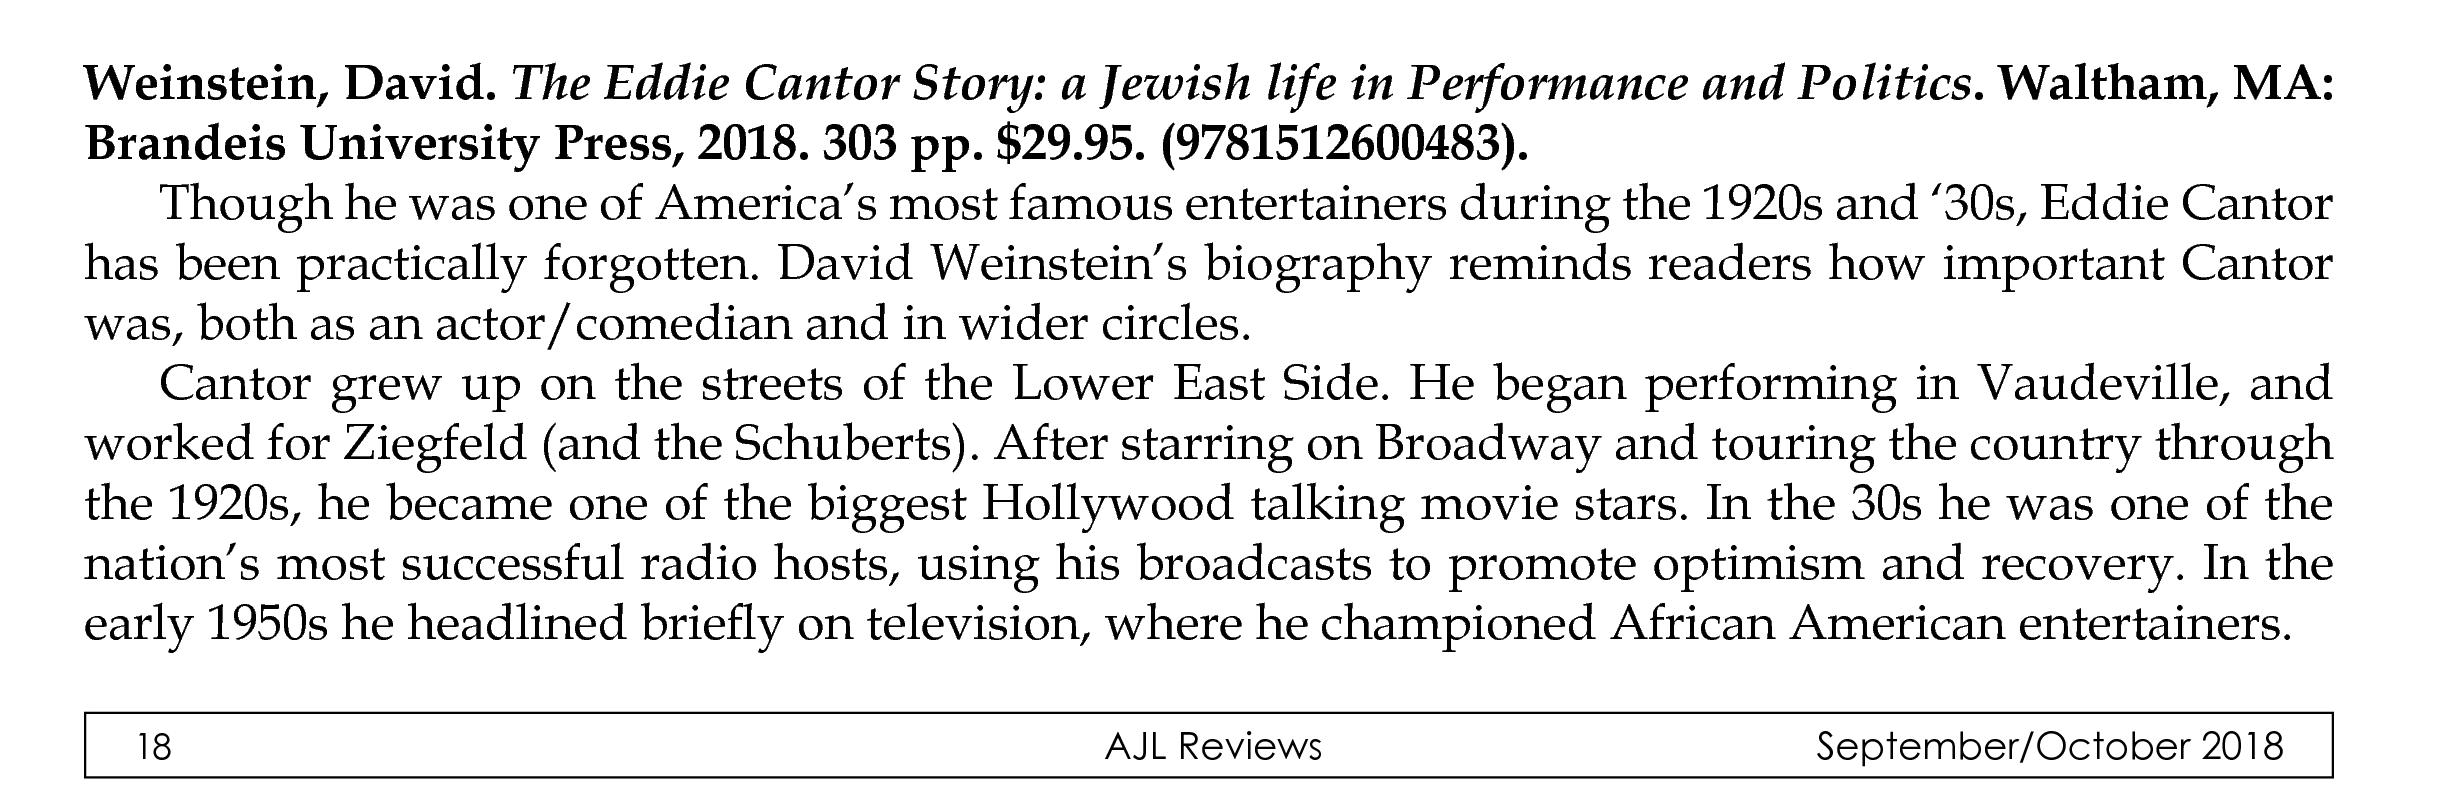 Book review, AJL Reviews, Sept/Oct 2018, p.1